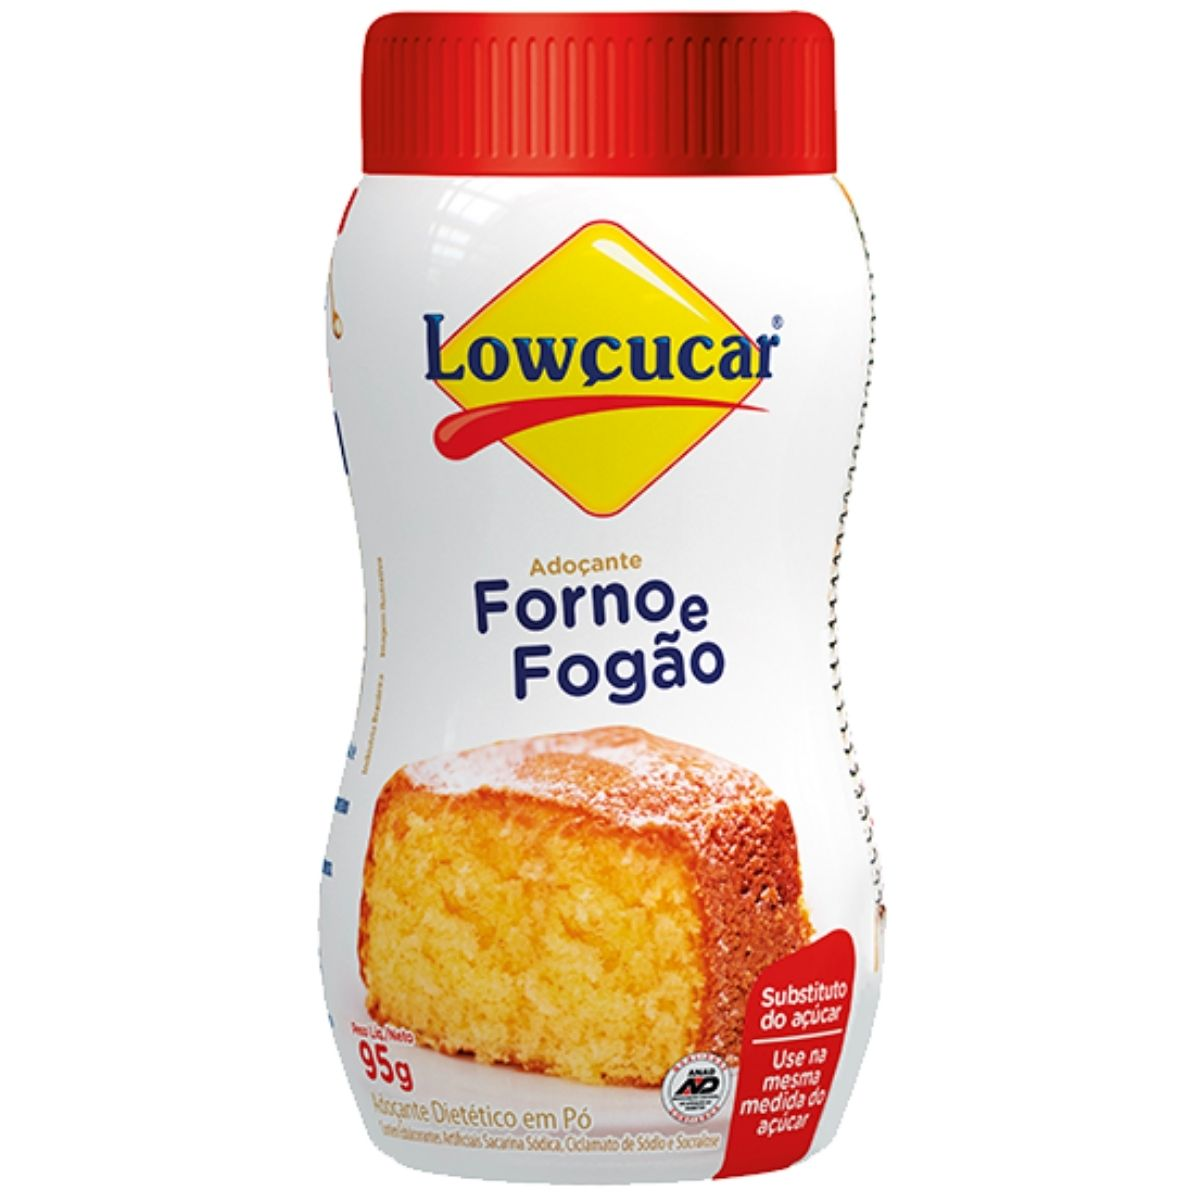 Adoçante Forno e Fogão Dietético 95g - Lowçúcar